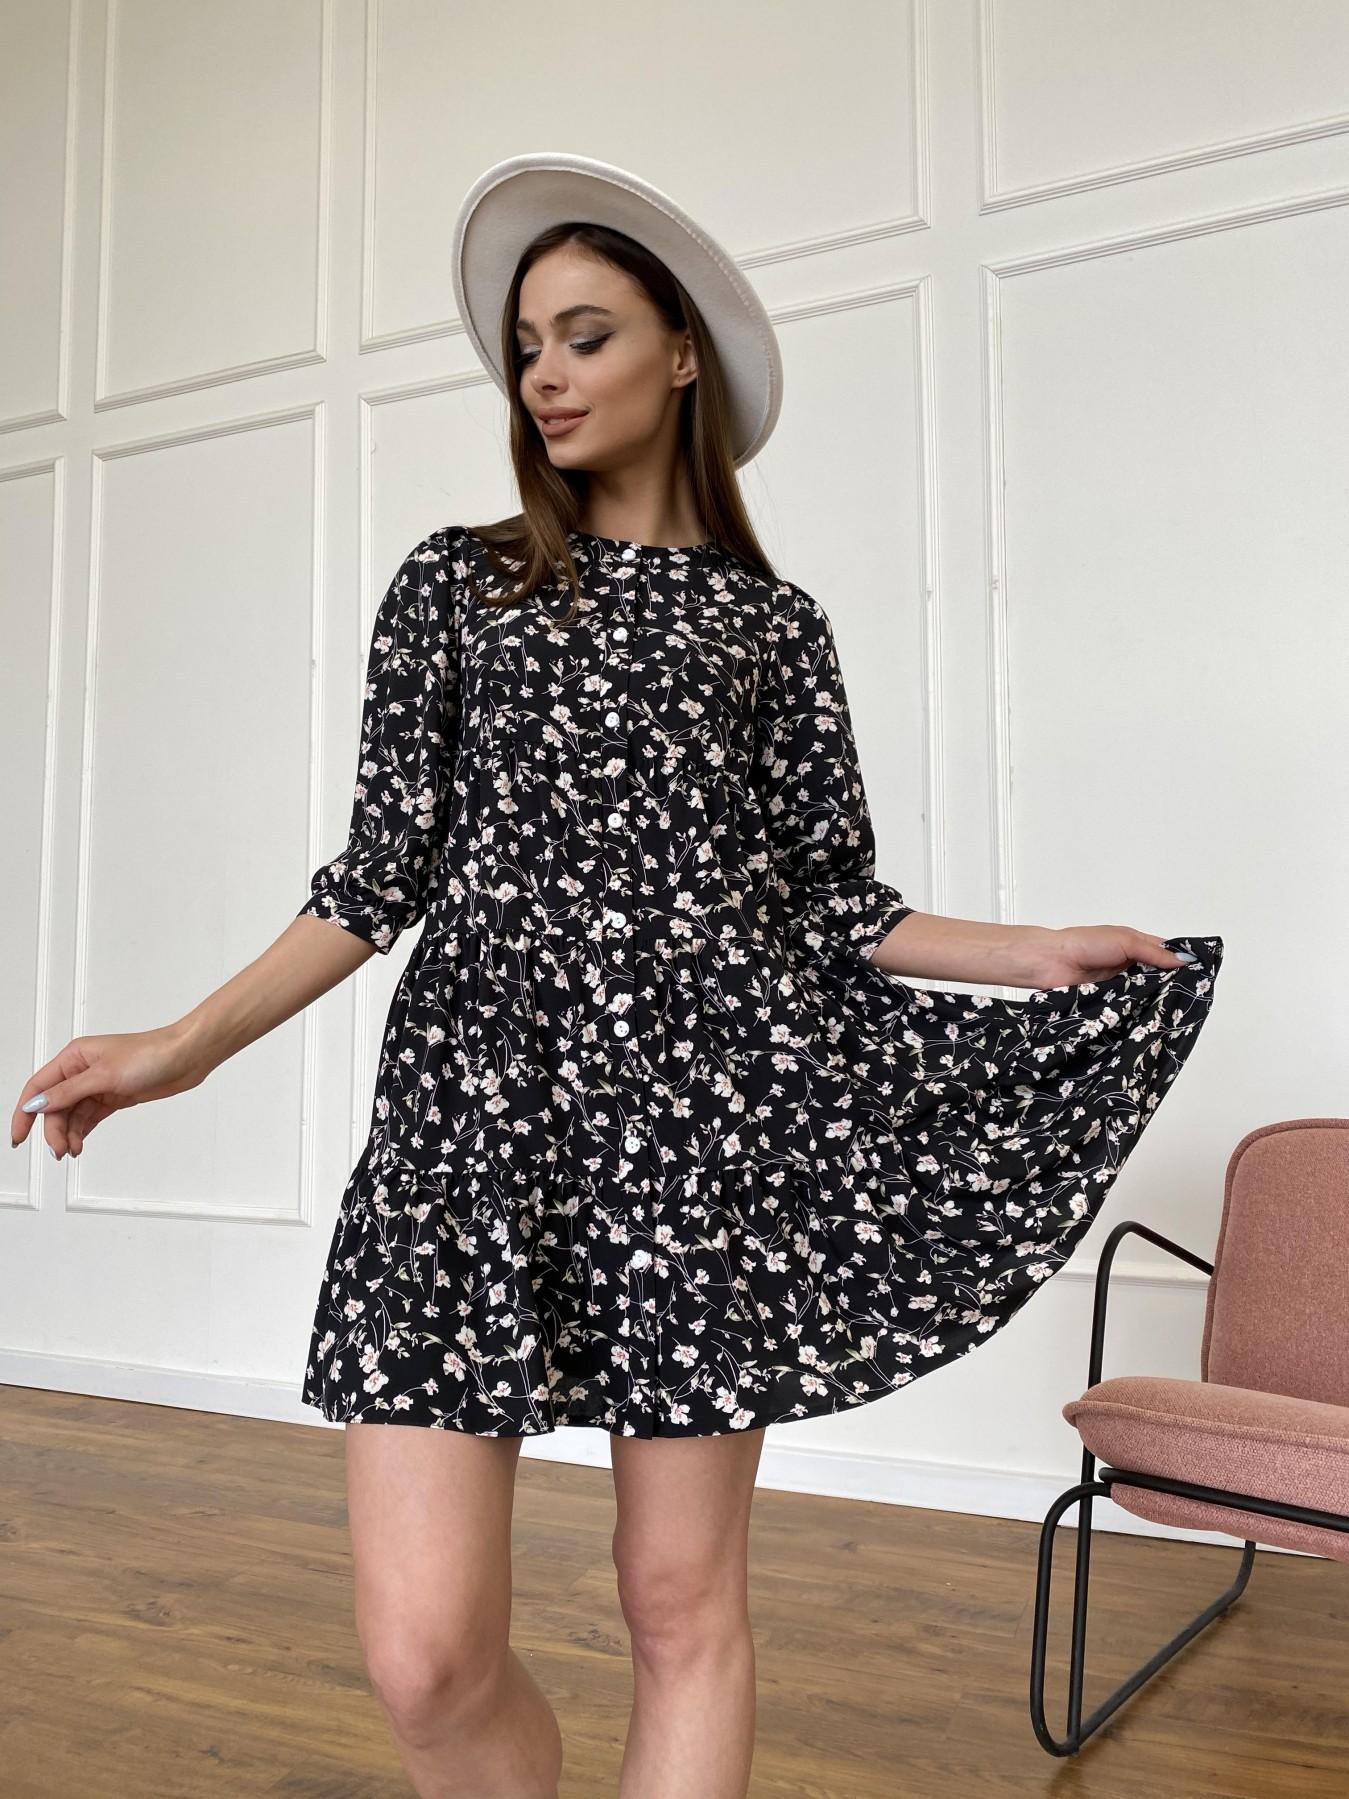 Берри платье из ткани софт в принт 11211 АРТ. 47723 Цвет: Черный/молоко, Цветы - фото 5, интернет магазин tm-modus.ru